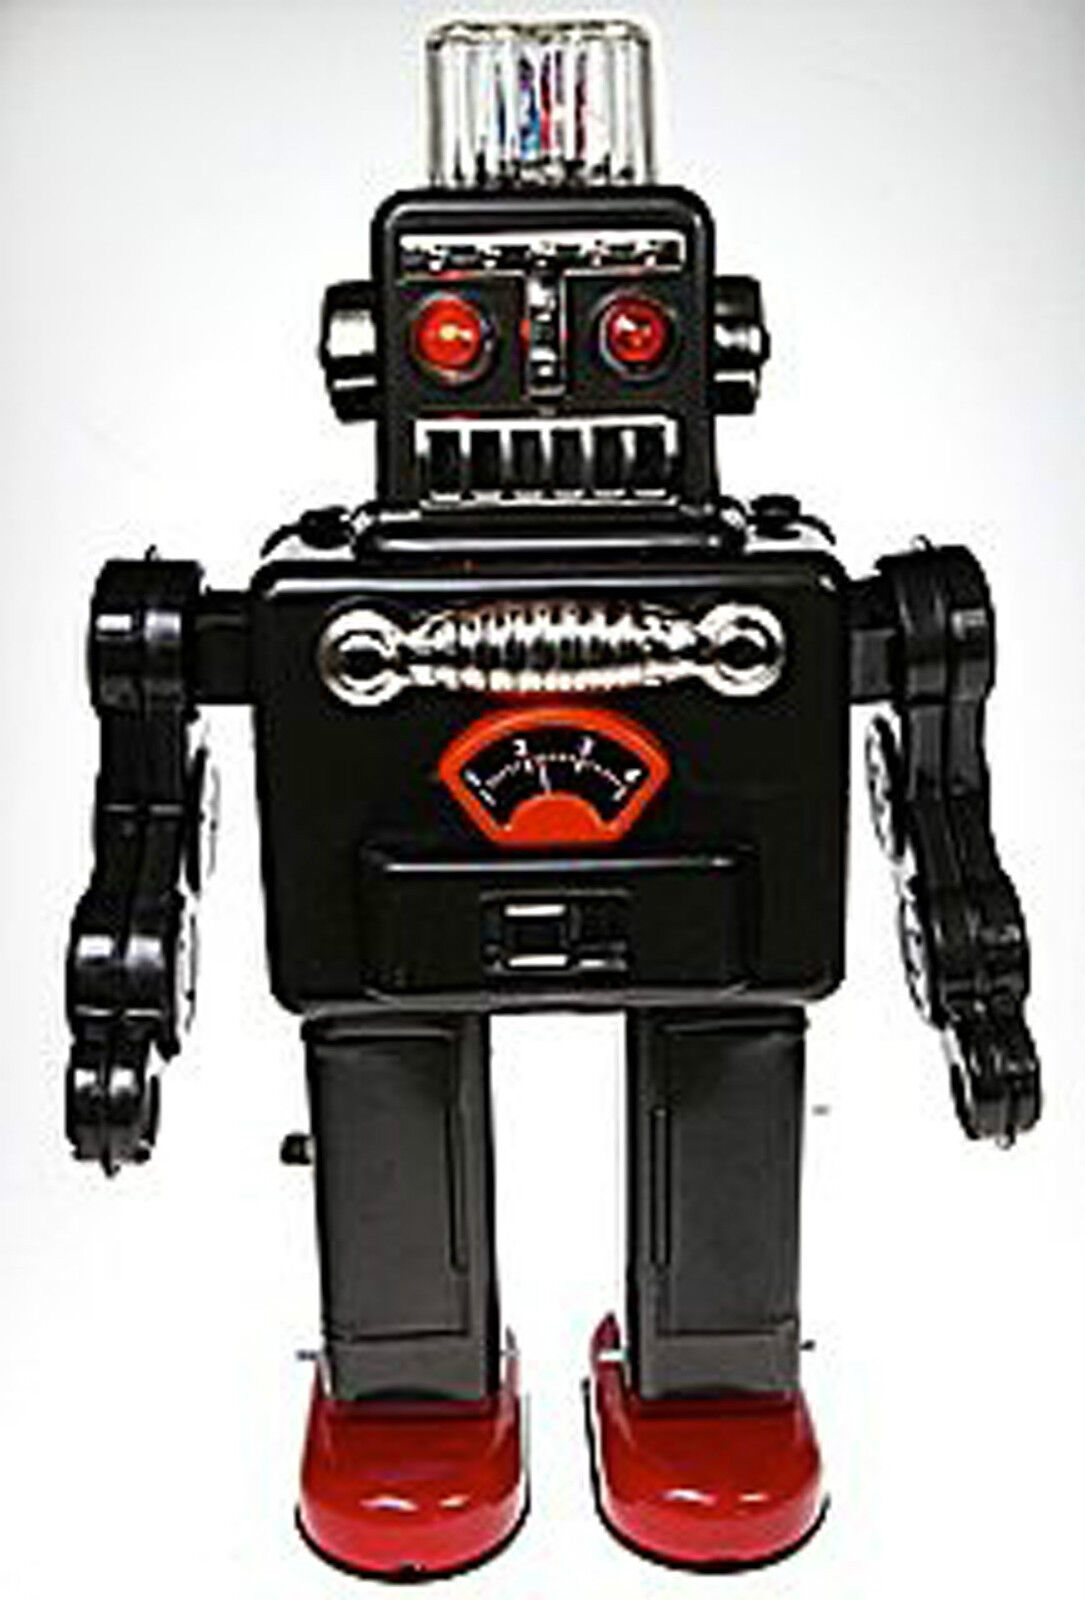 ROBOT che Fuma 60' Retrò Robot Giocattolo di latta da collezione vari colori BANDA STAGNATA